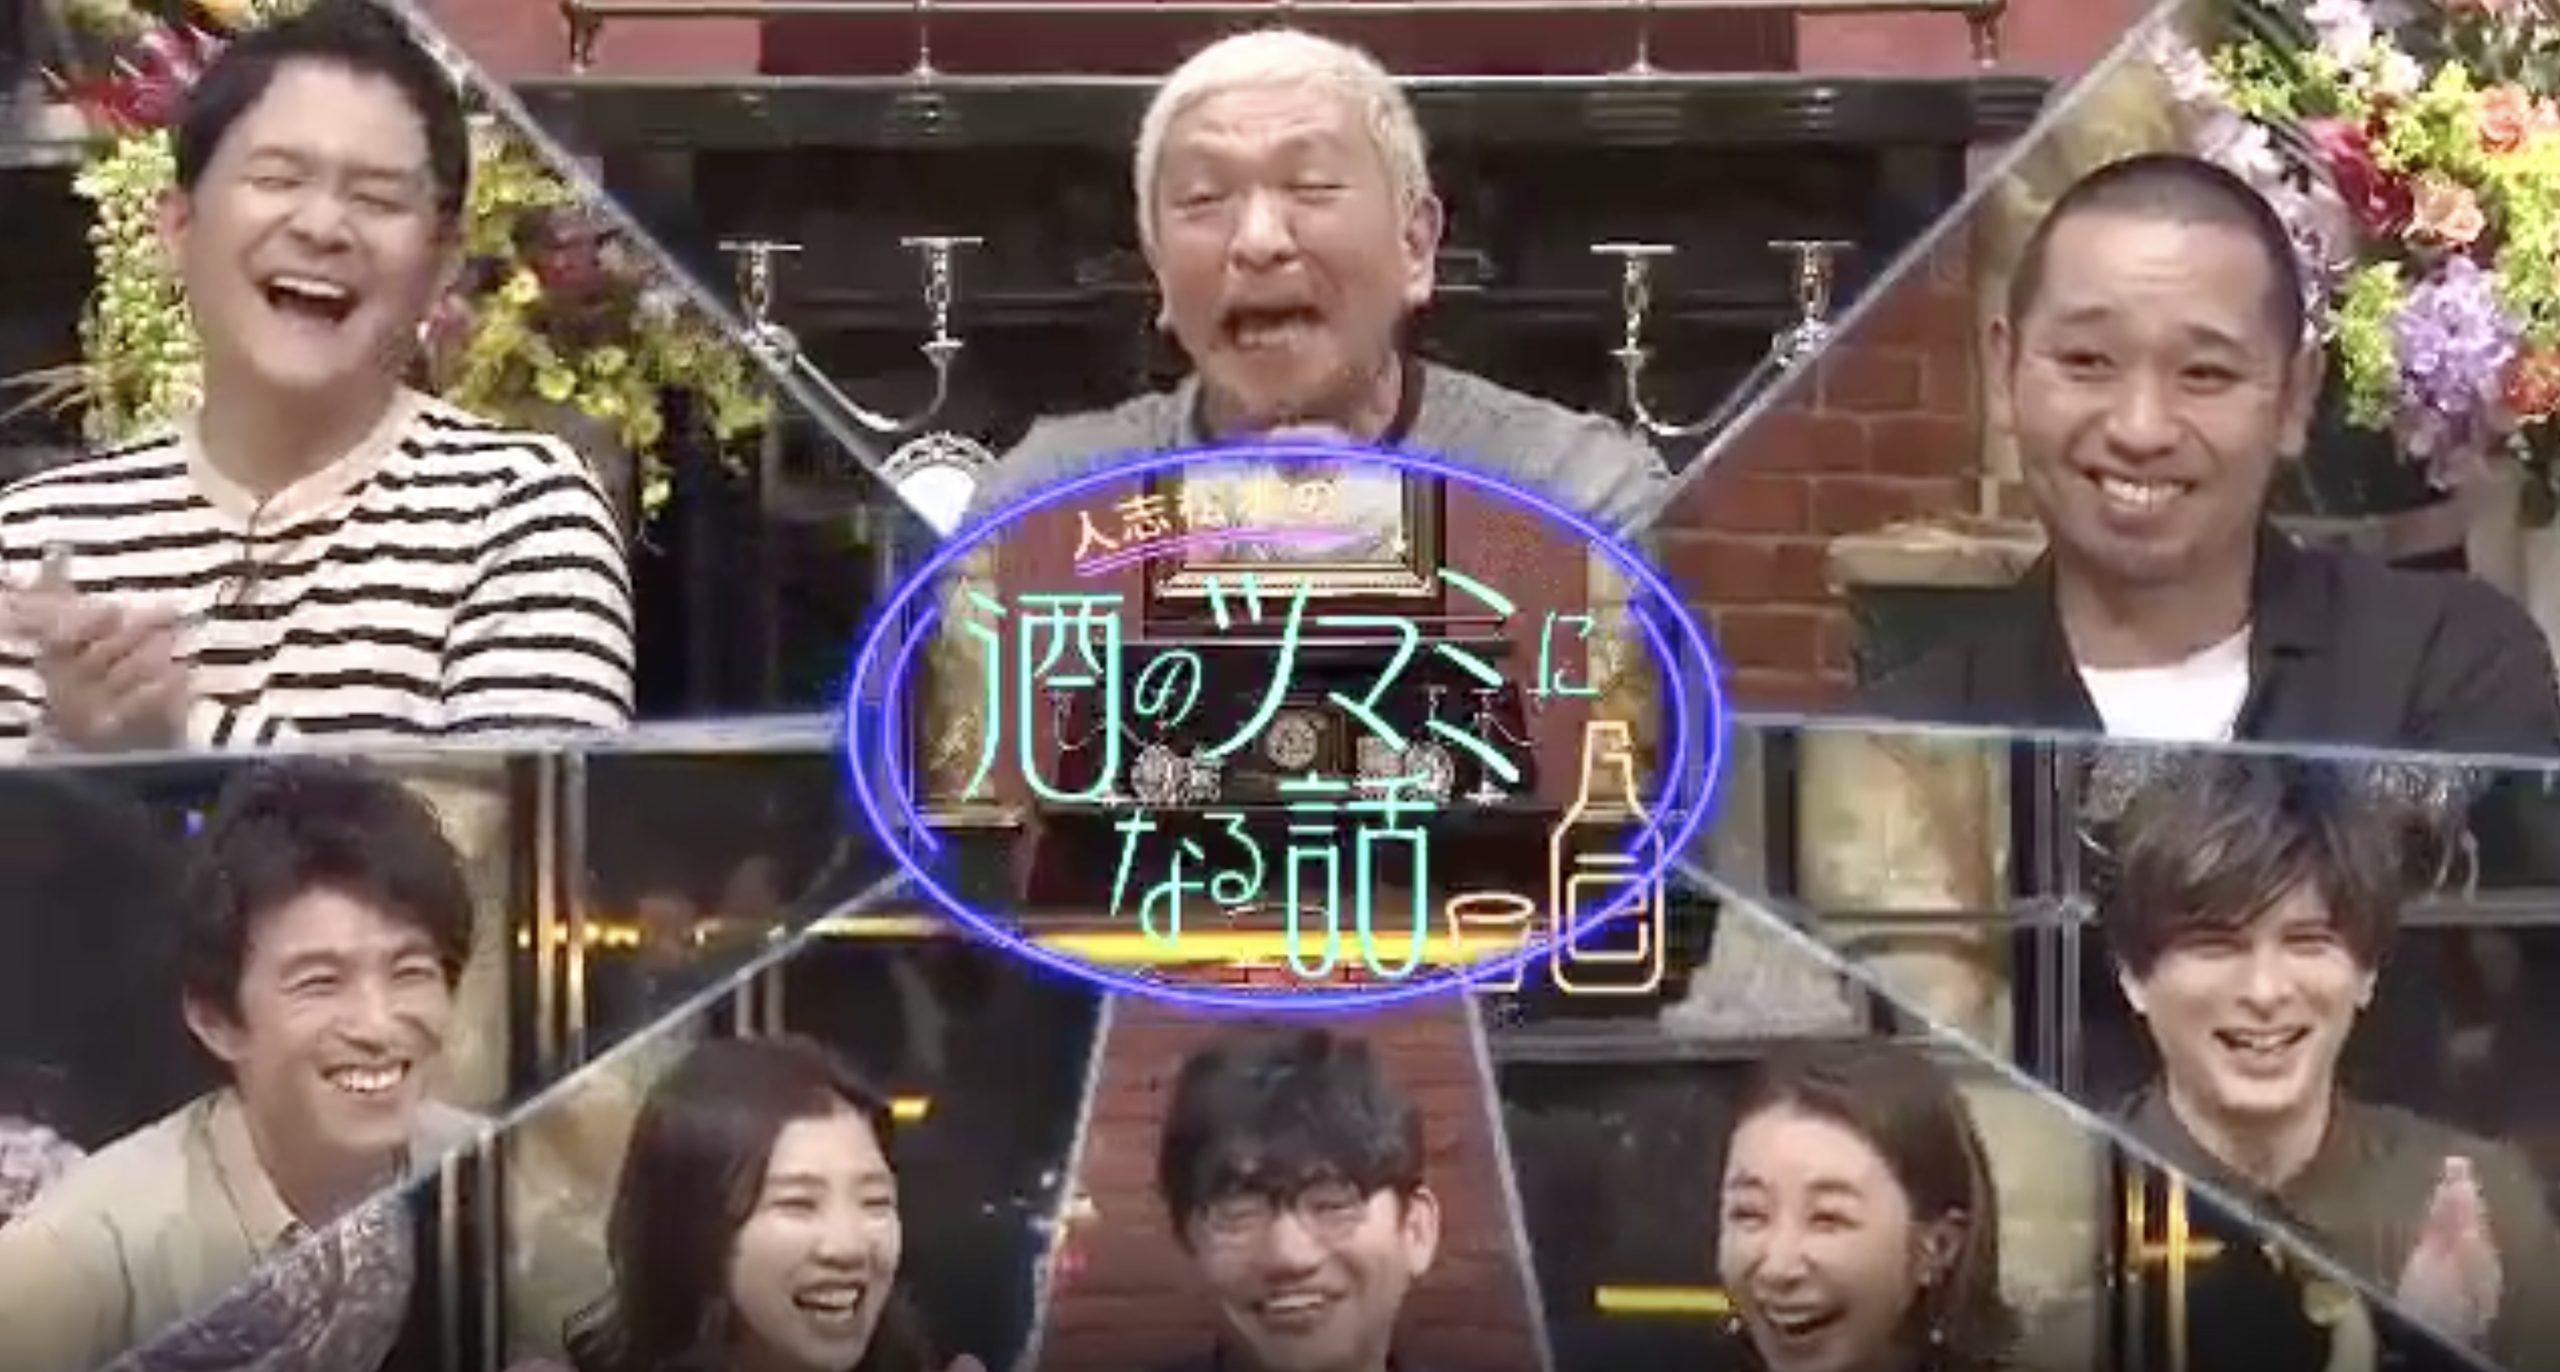 酒のツマミになる話(ずん飯尾)10月23日の無料動画や見逃し配信をフル視聴する方法!